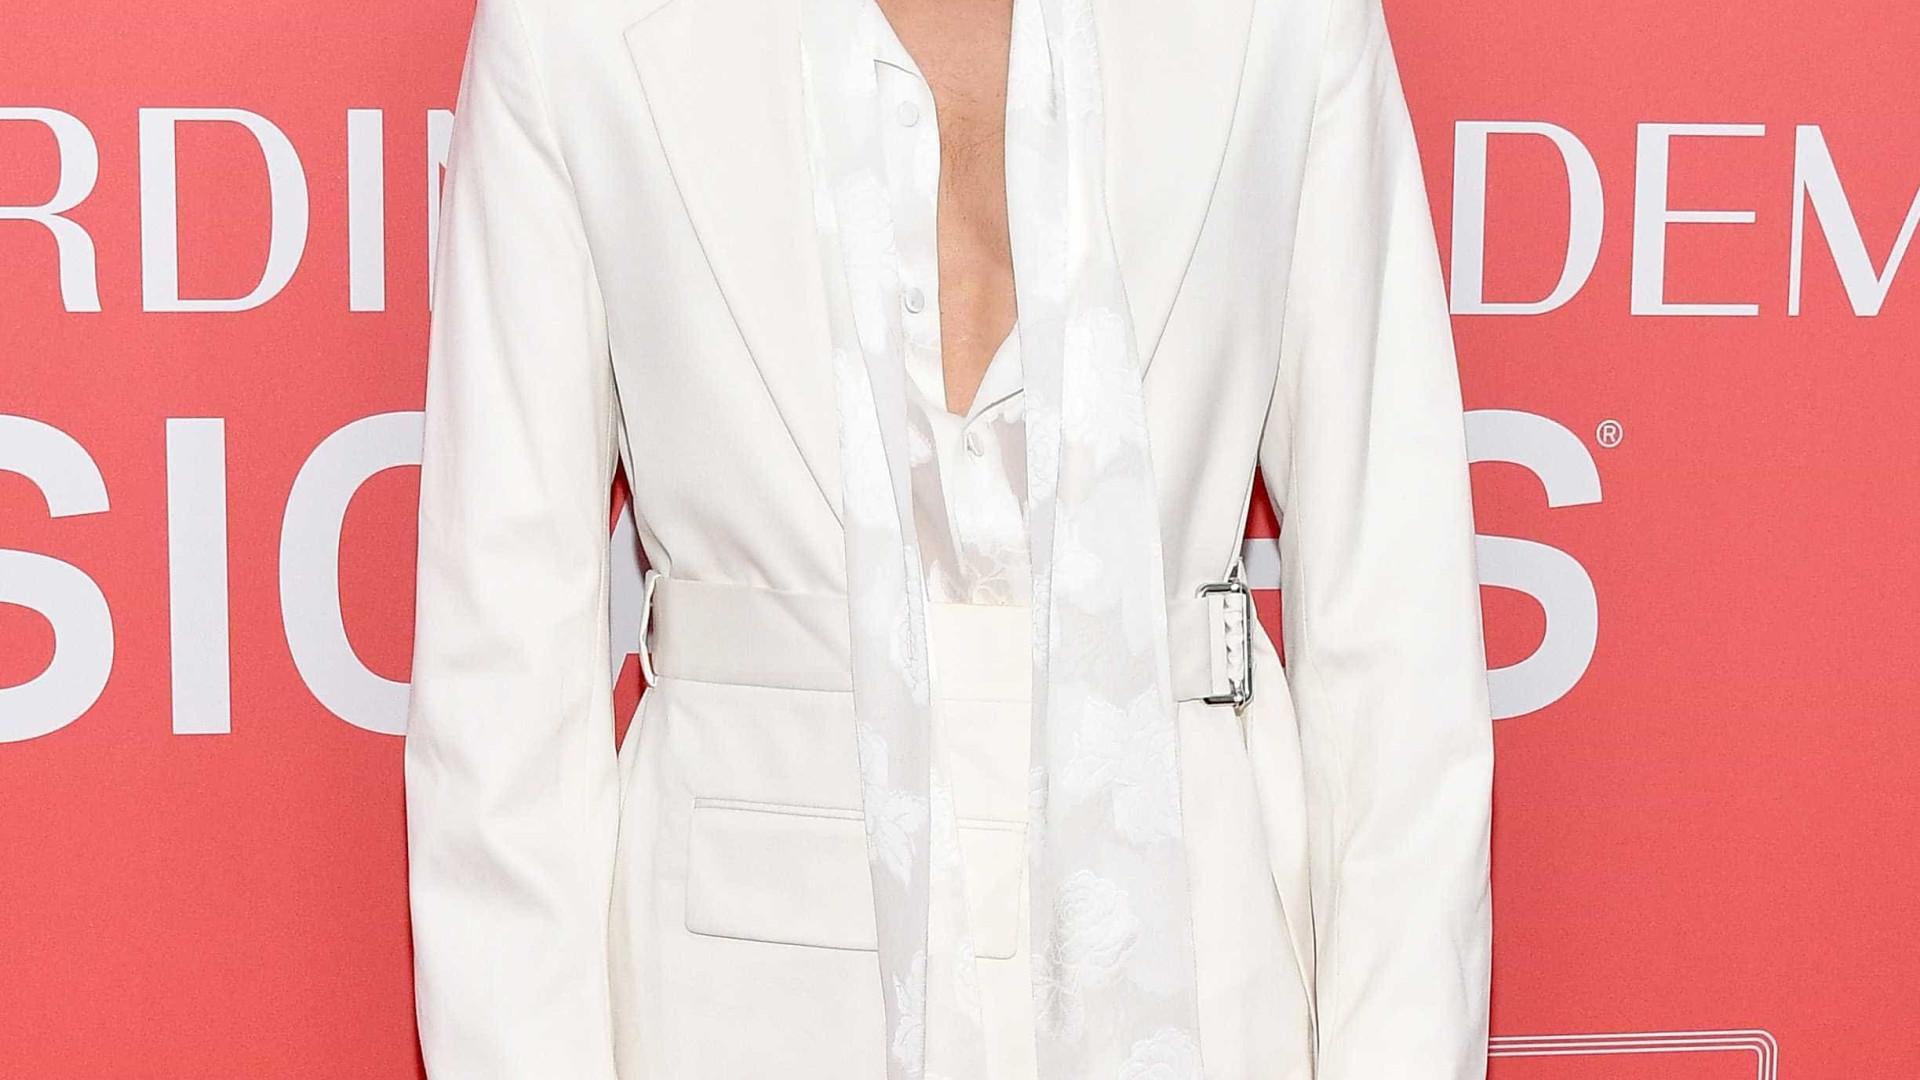 Eterno galã: Jared Leto 'lança charme' a jovens modelos